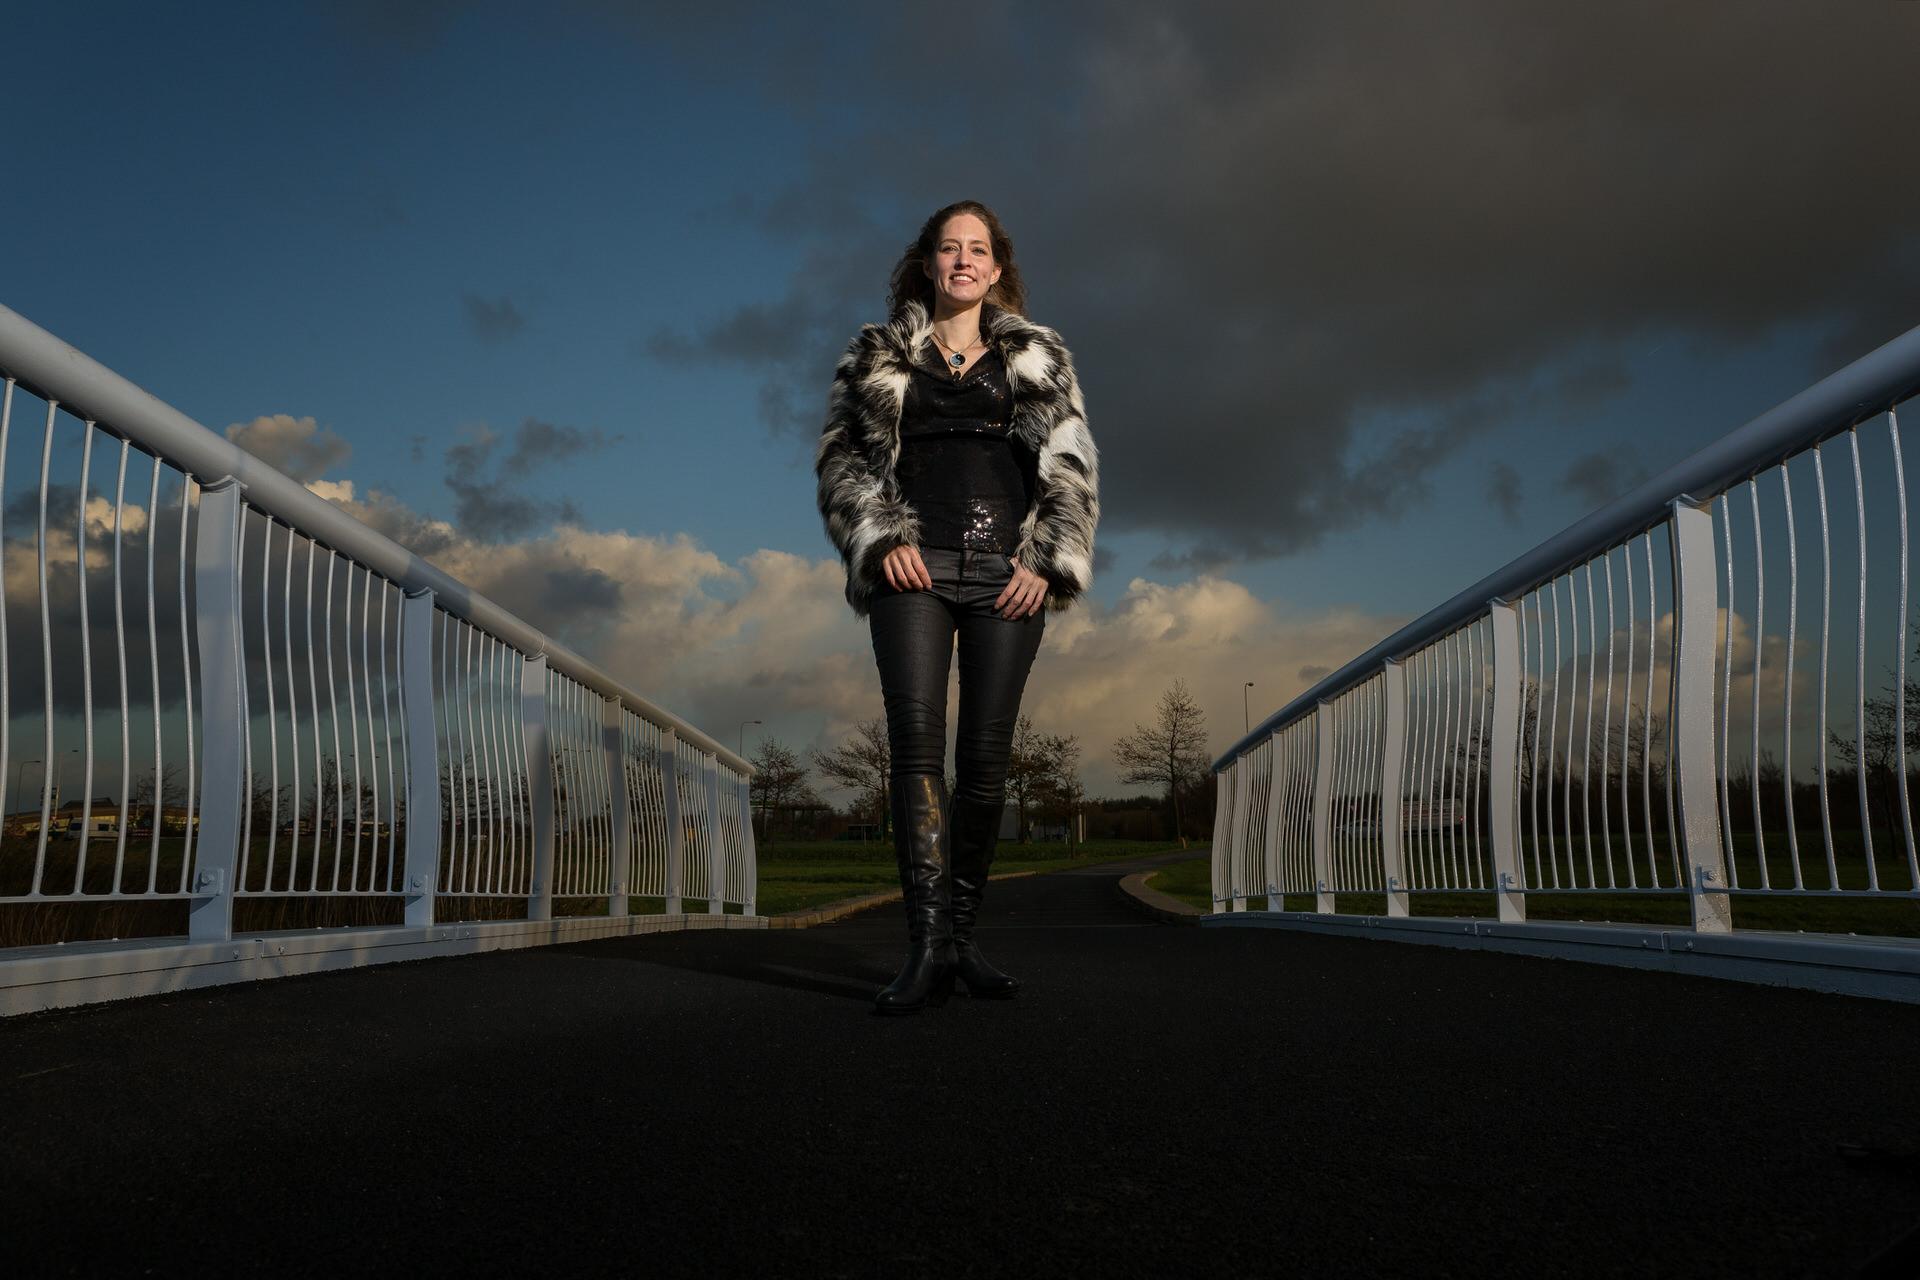 portretfoto heerhugowaard, Charlotte op de brug, fotograaf, fotografie, portretten, bedrijfsportret, profielfoto, bedrijfsfotografie